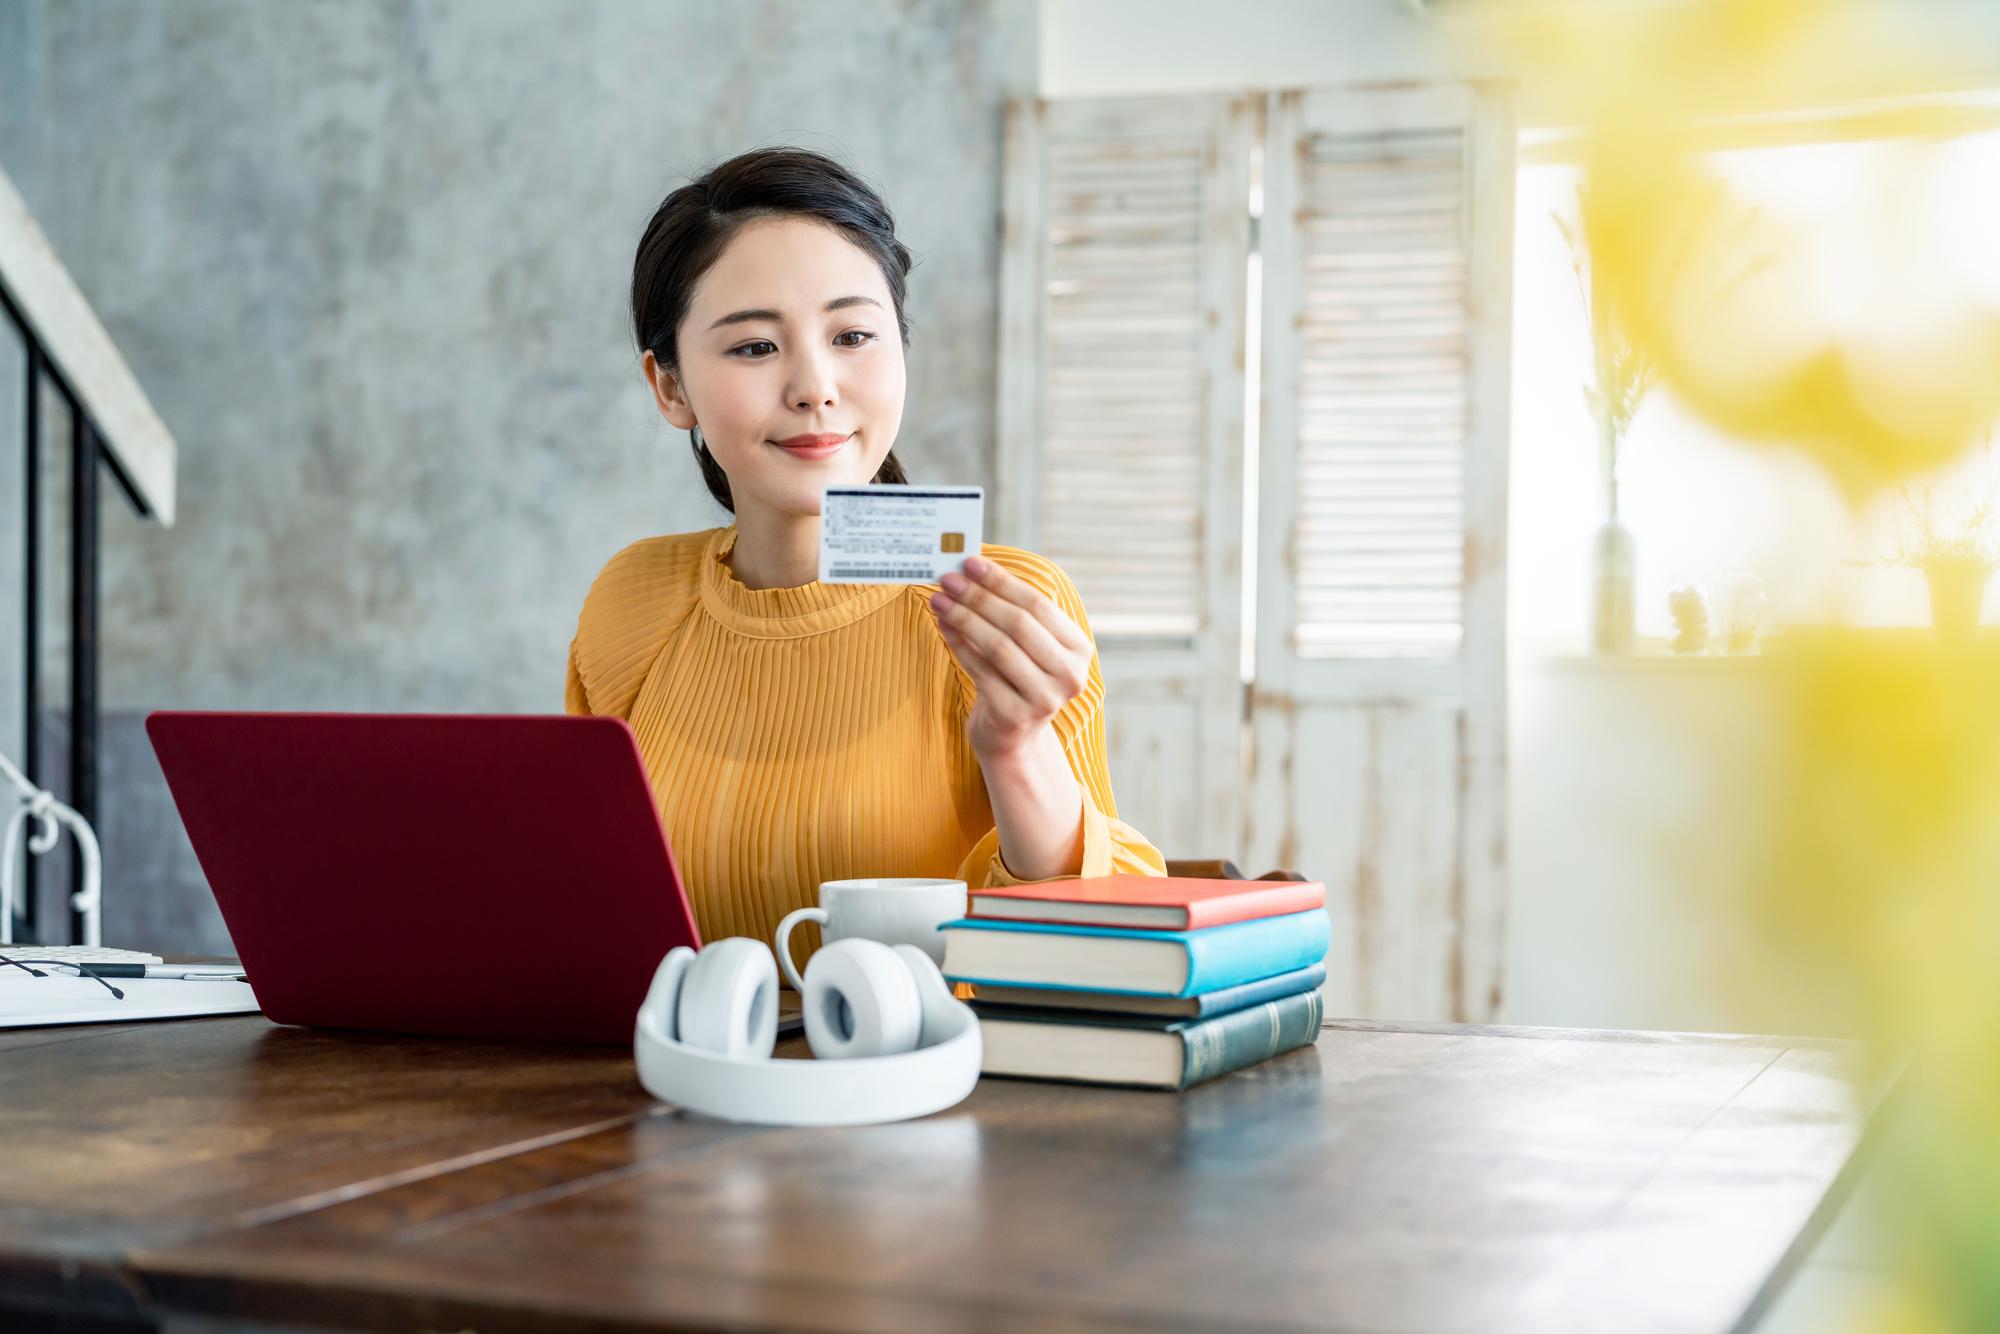 クレジットカードを確認する女性